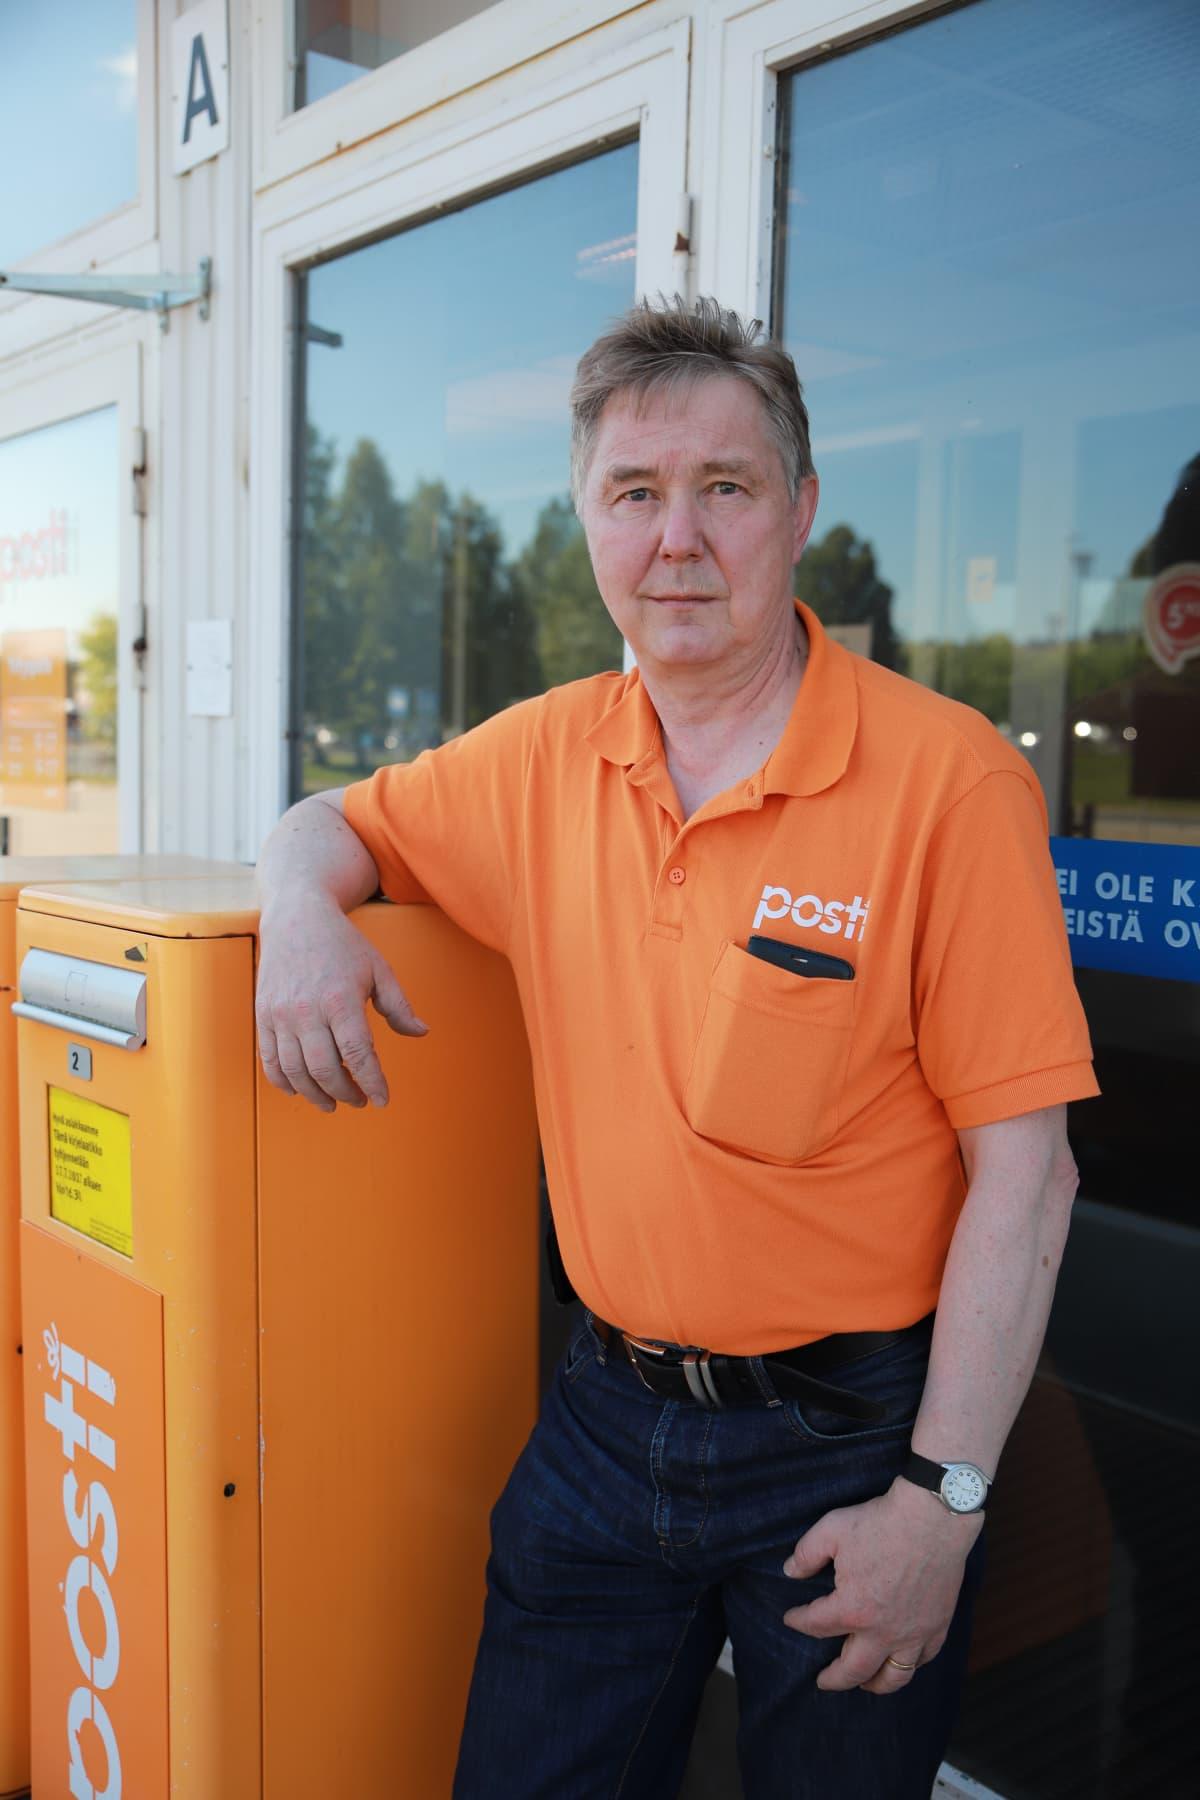 Rovaniemellä työskentelevä Jyrki Sutinen on ehtinyt ajaa myös Suomen pisintä postinjakelureittiä, joka ulottuu Muoniosta Kilpisjärvelle. 400 kilometrin aikana joenvarret muuttuvat puuttomaksi tunturimaisemaksi.